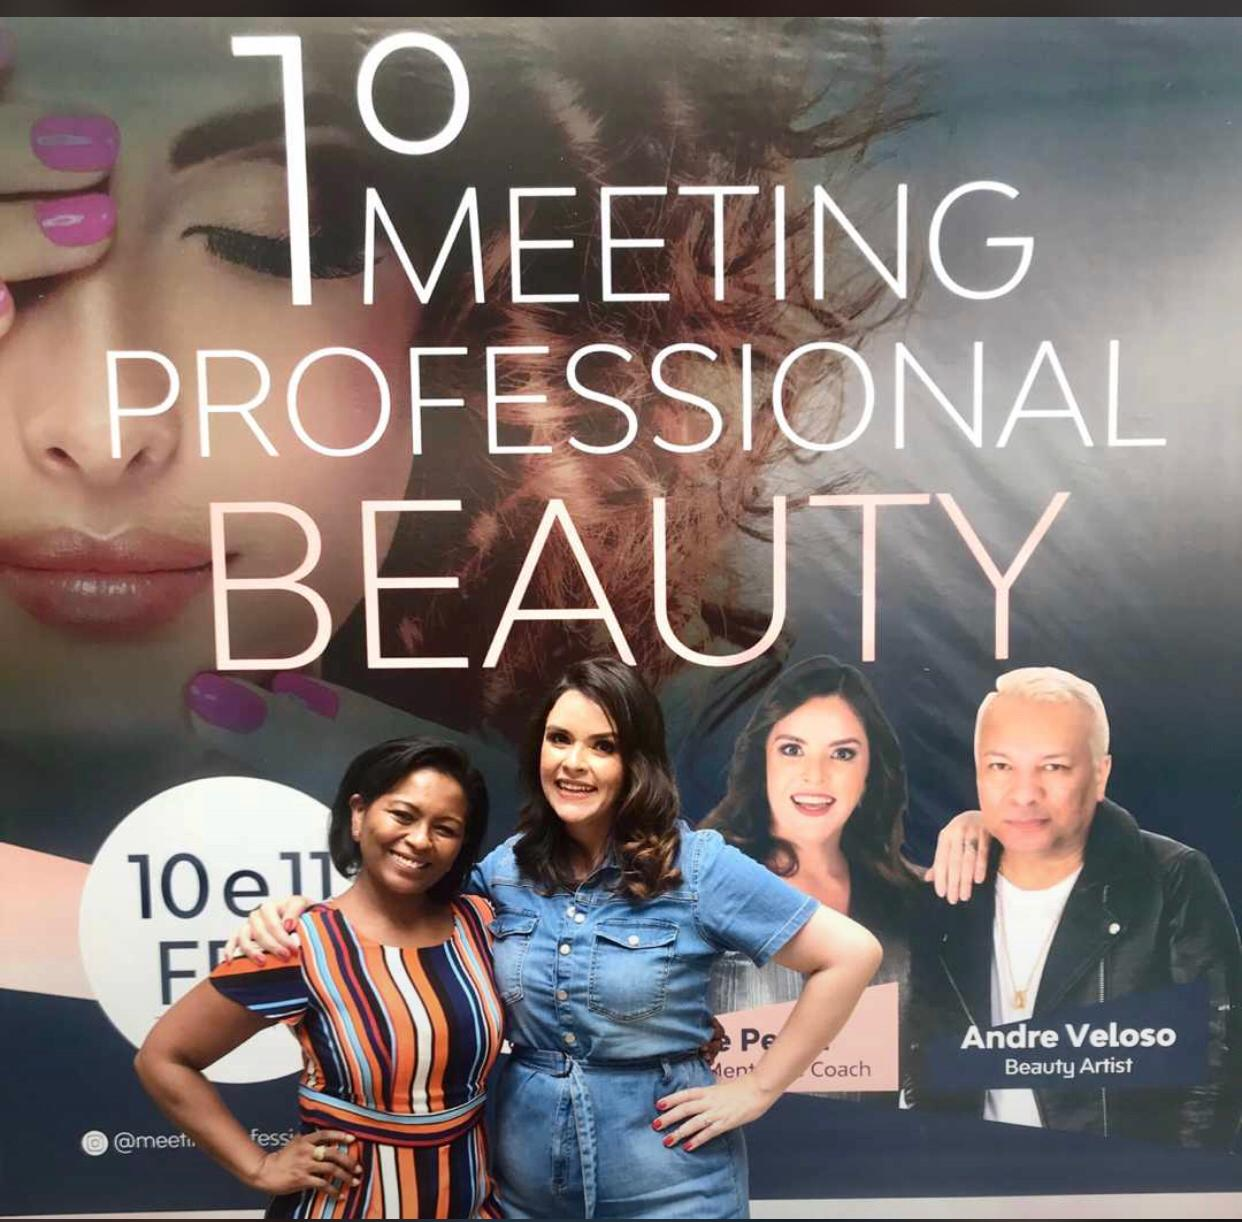 Hair sttylists do GMNC participam de congresso internacional de beleza - Imagem 1